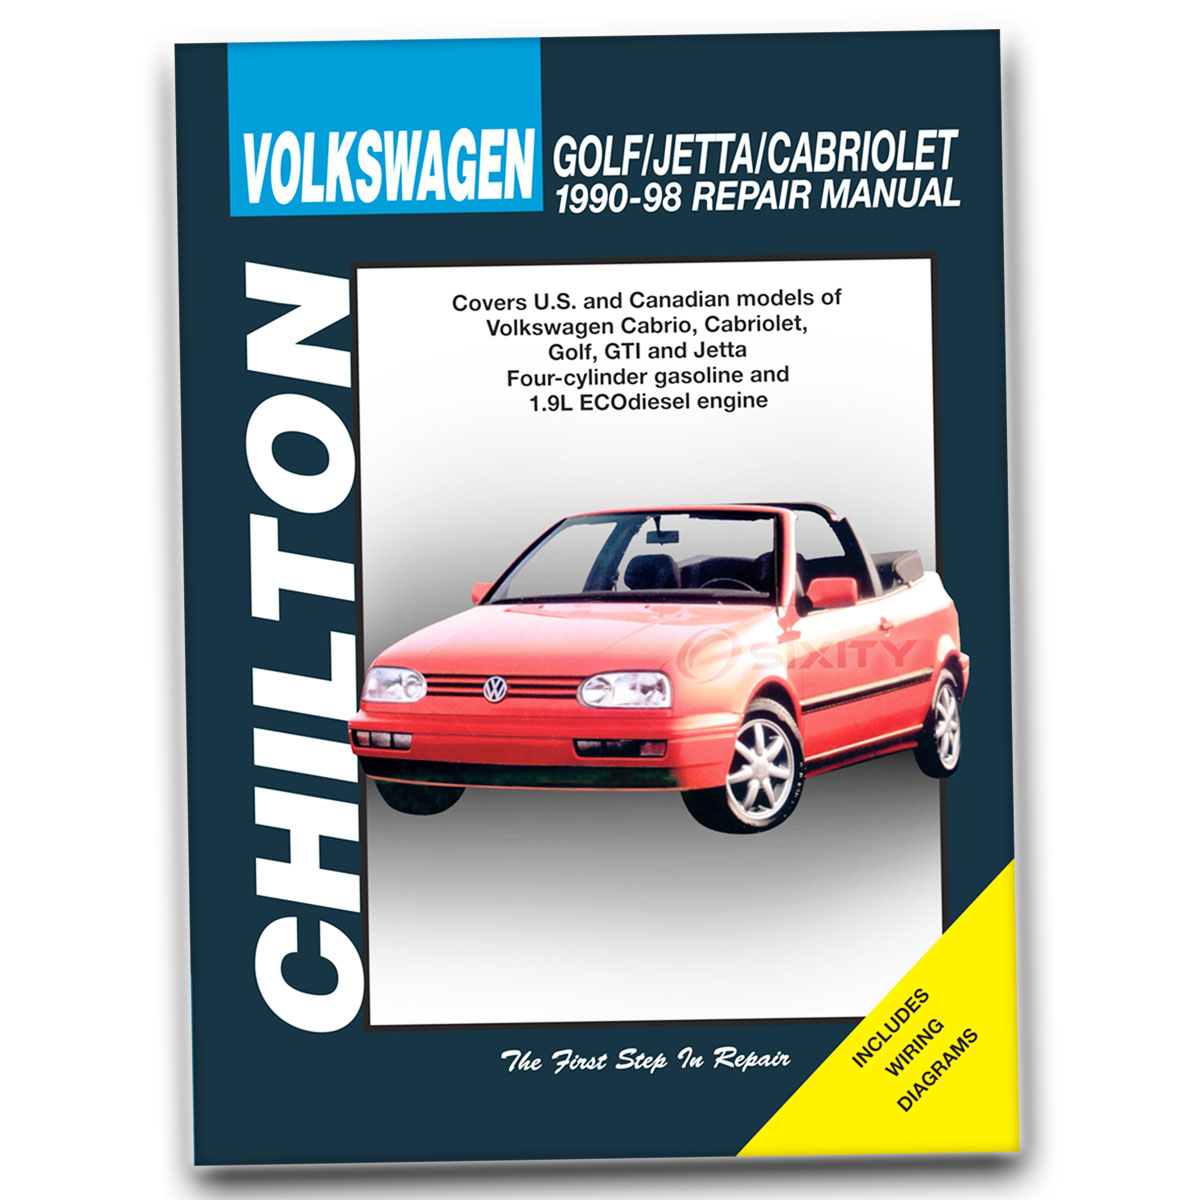 Chilton Reparacion Manual Para 1990 1998 Volkswagen Jetta Tienda Garaje El Servicio Ebay